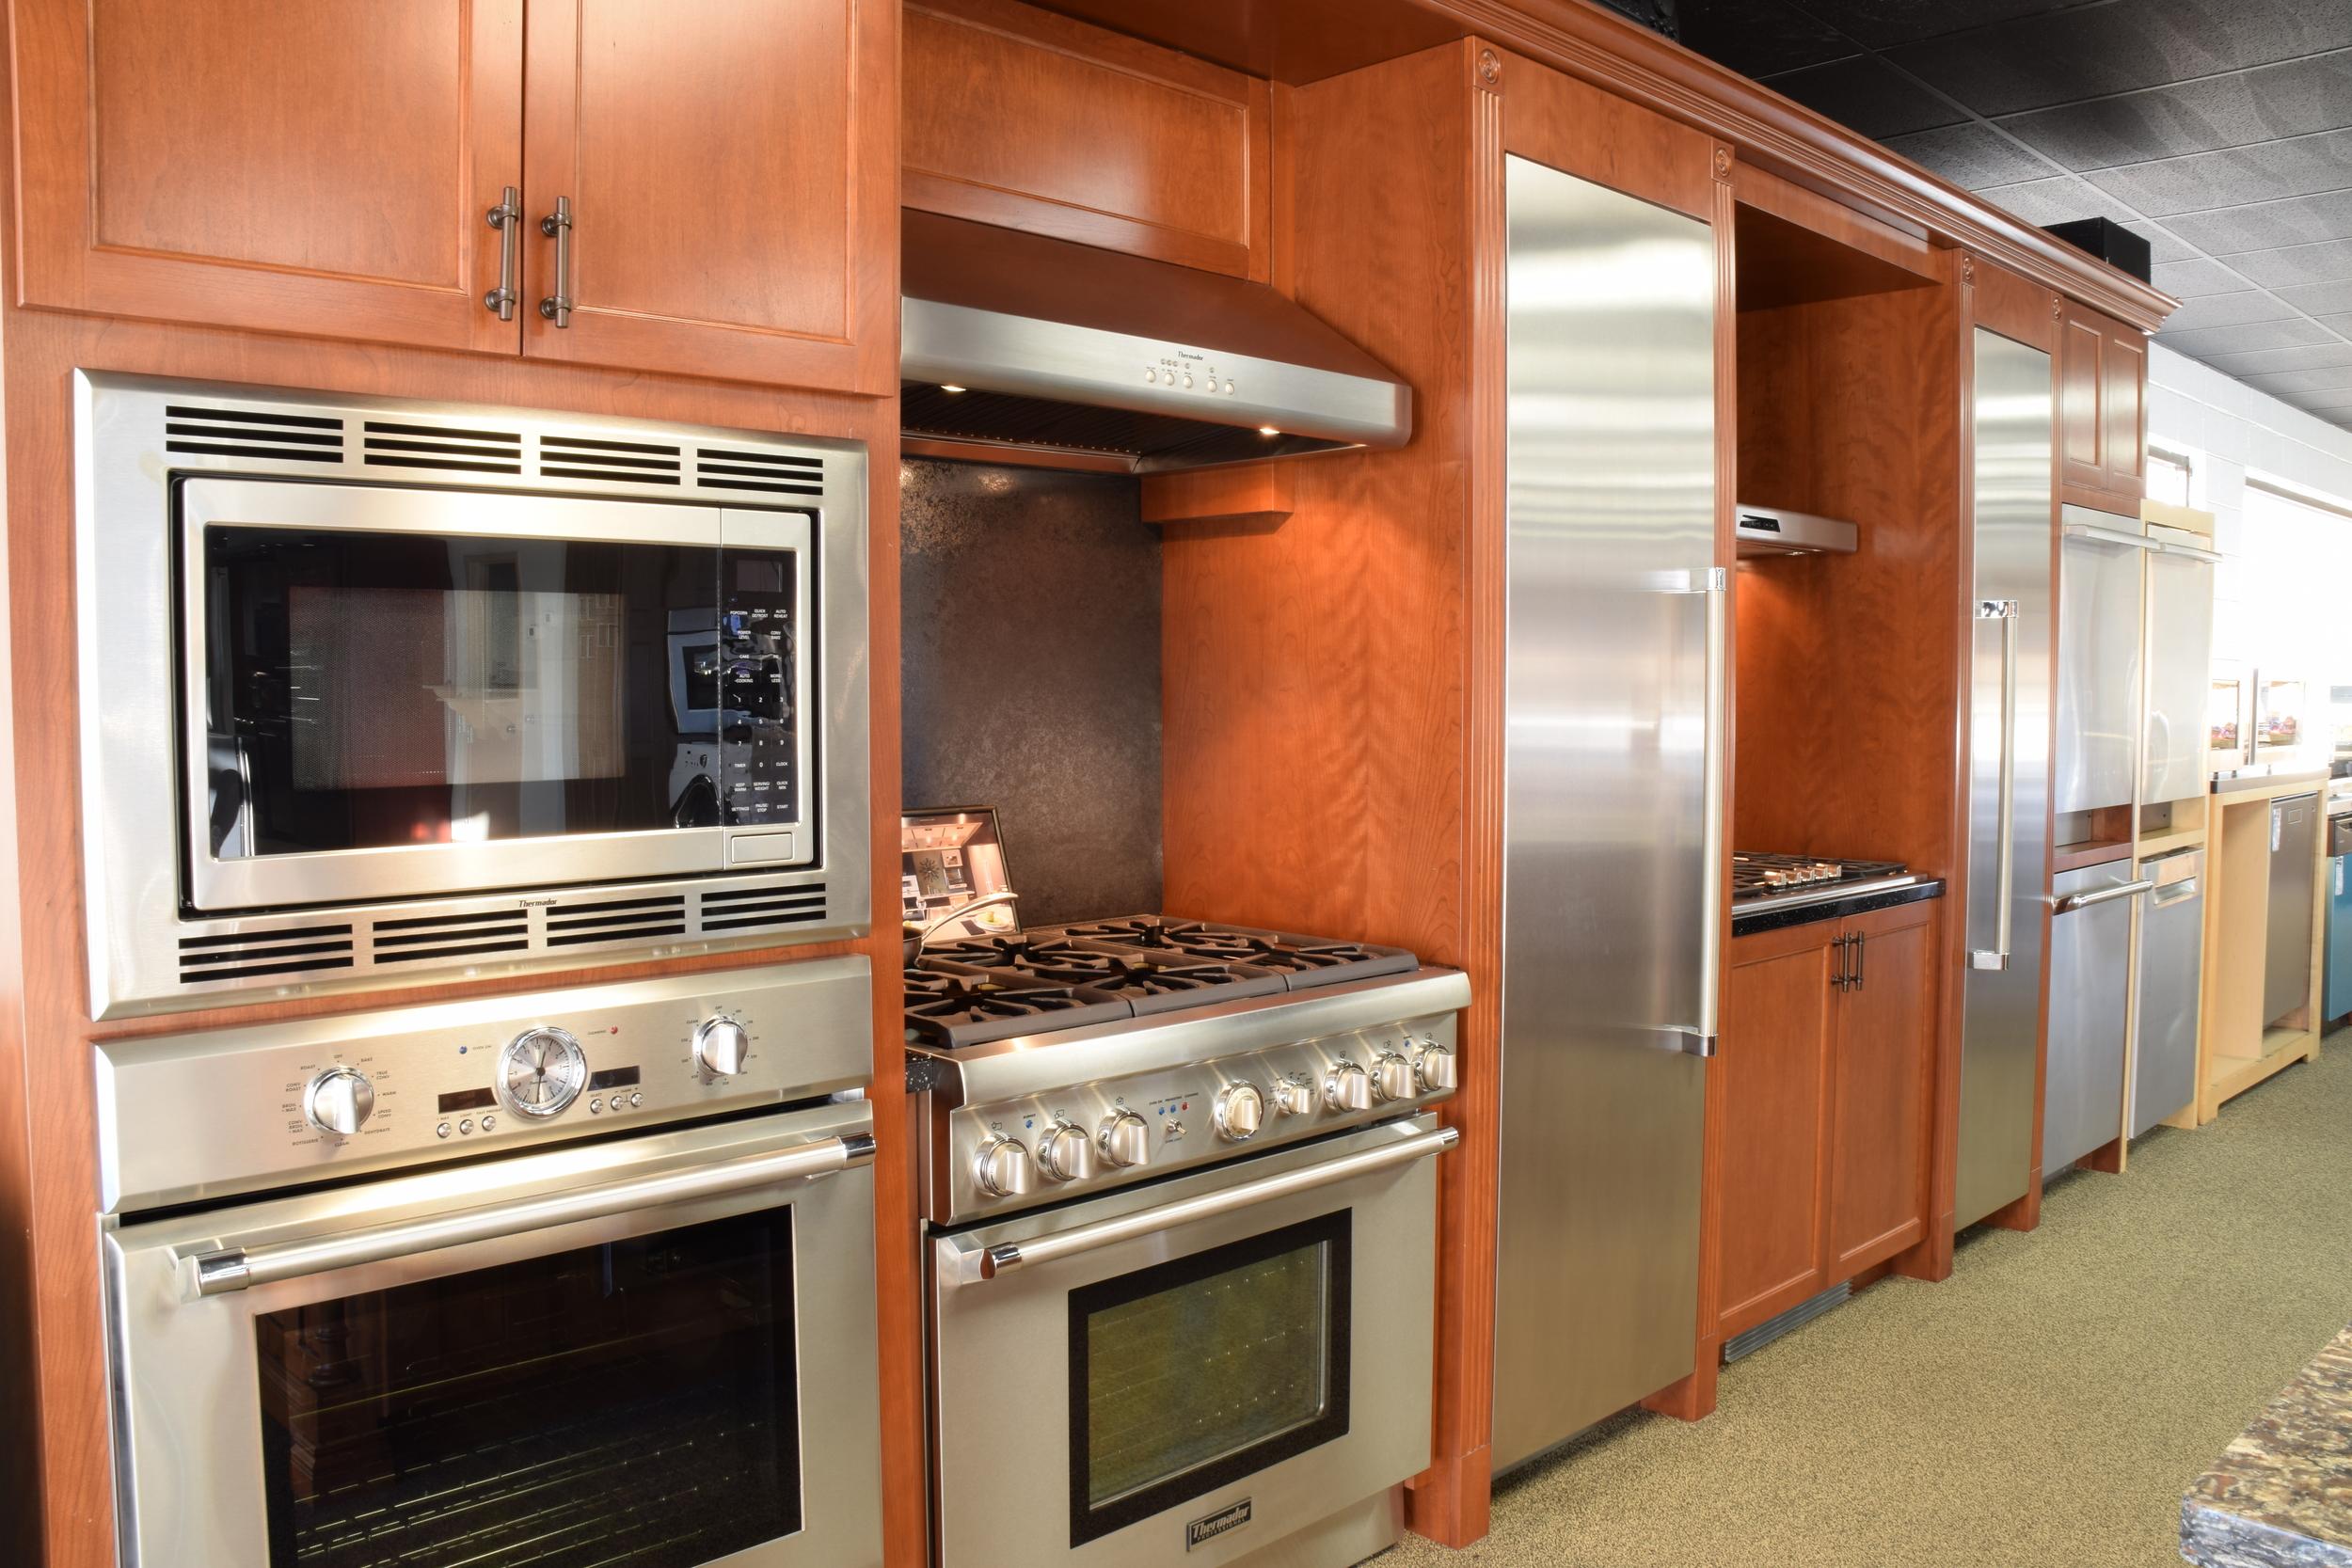 06-Mountain-High-Appliance-Colorado-Springs.JPG